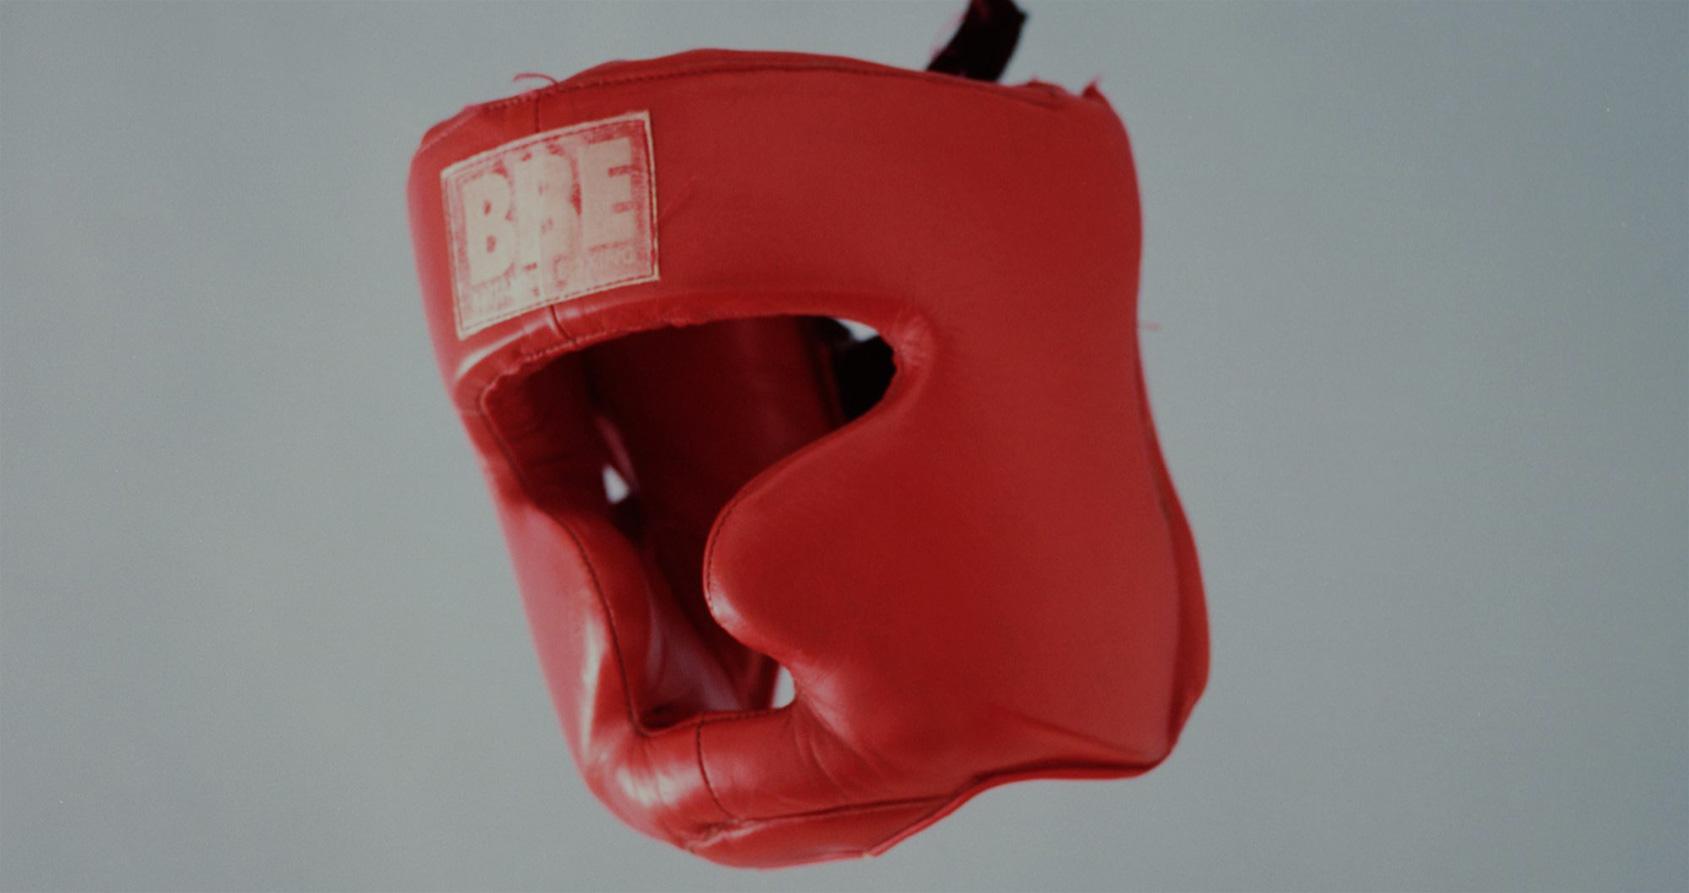 Un mal mystérieux touche le cerveau des boxeurs et personne ne veut en parler